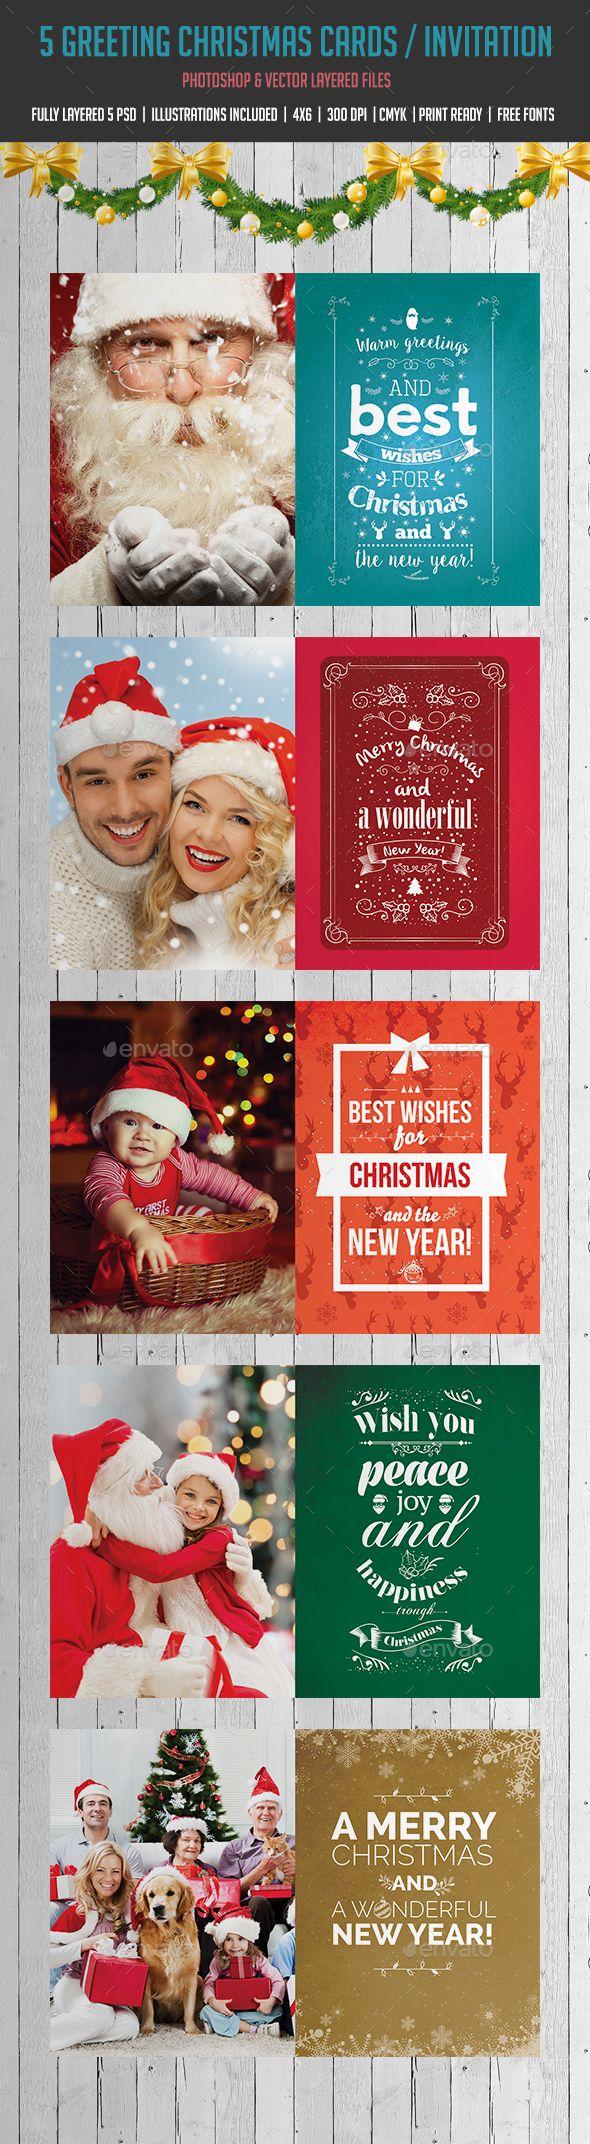 Christmas Card Family Christmas Greeting Card Template Christmas Cards Christmas Card Template